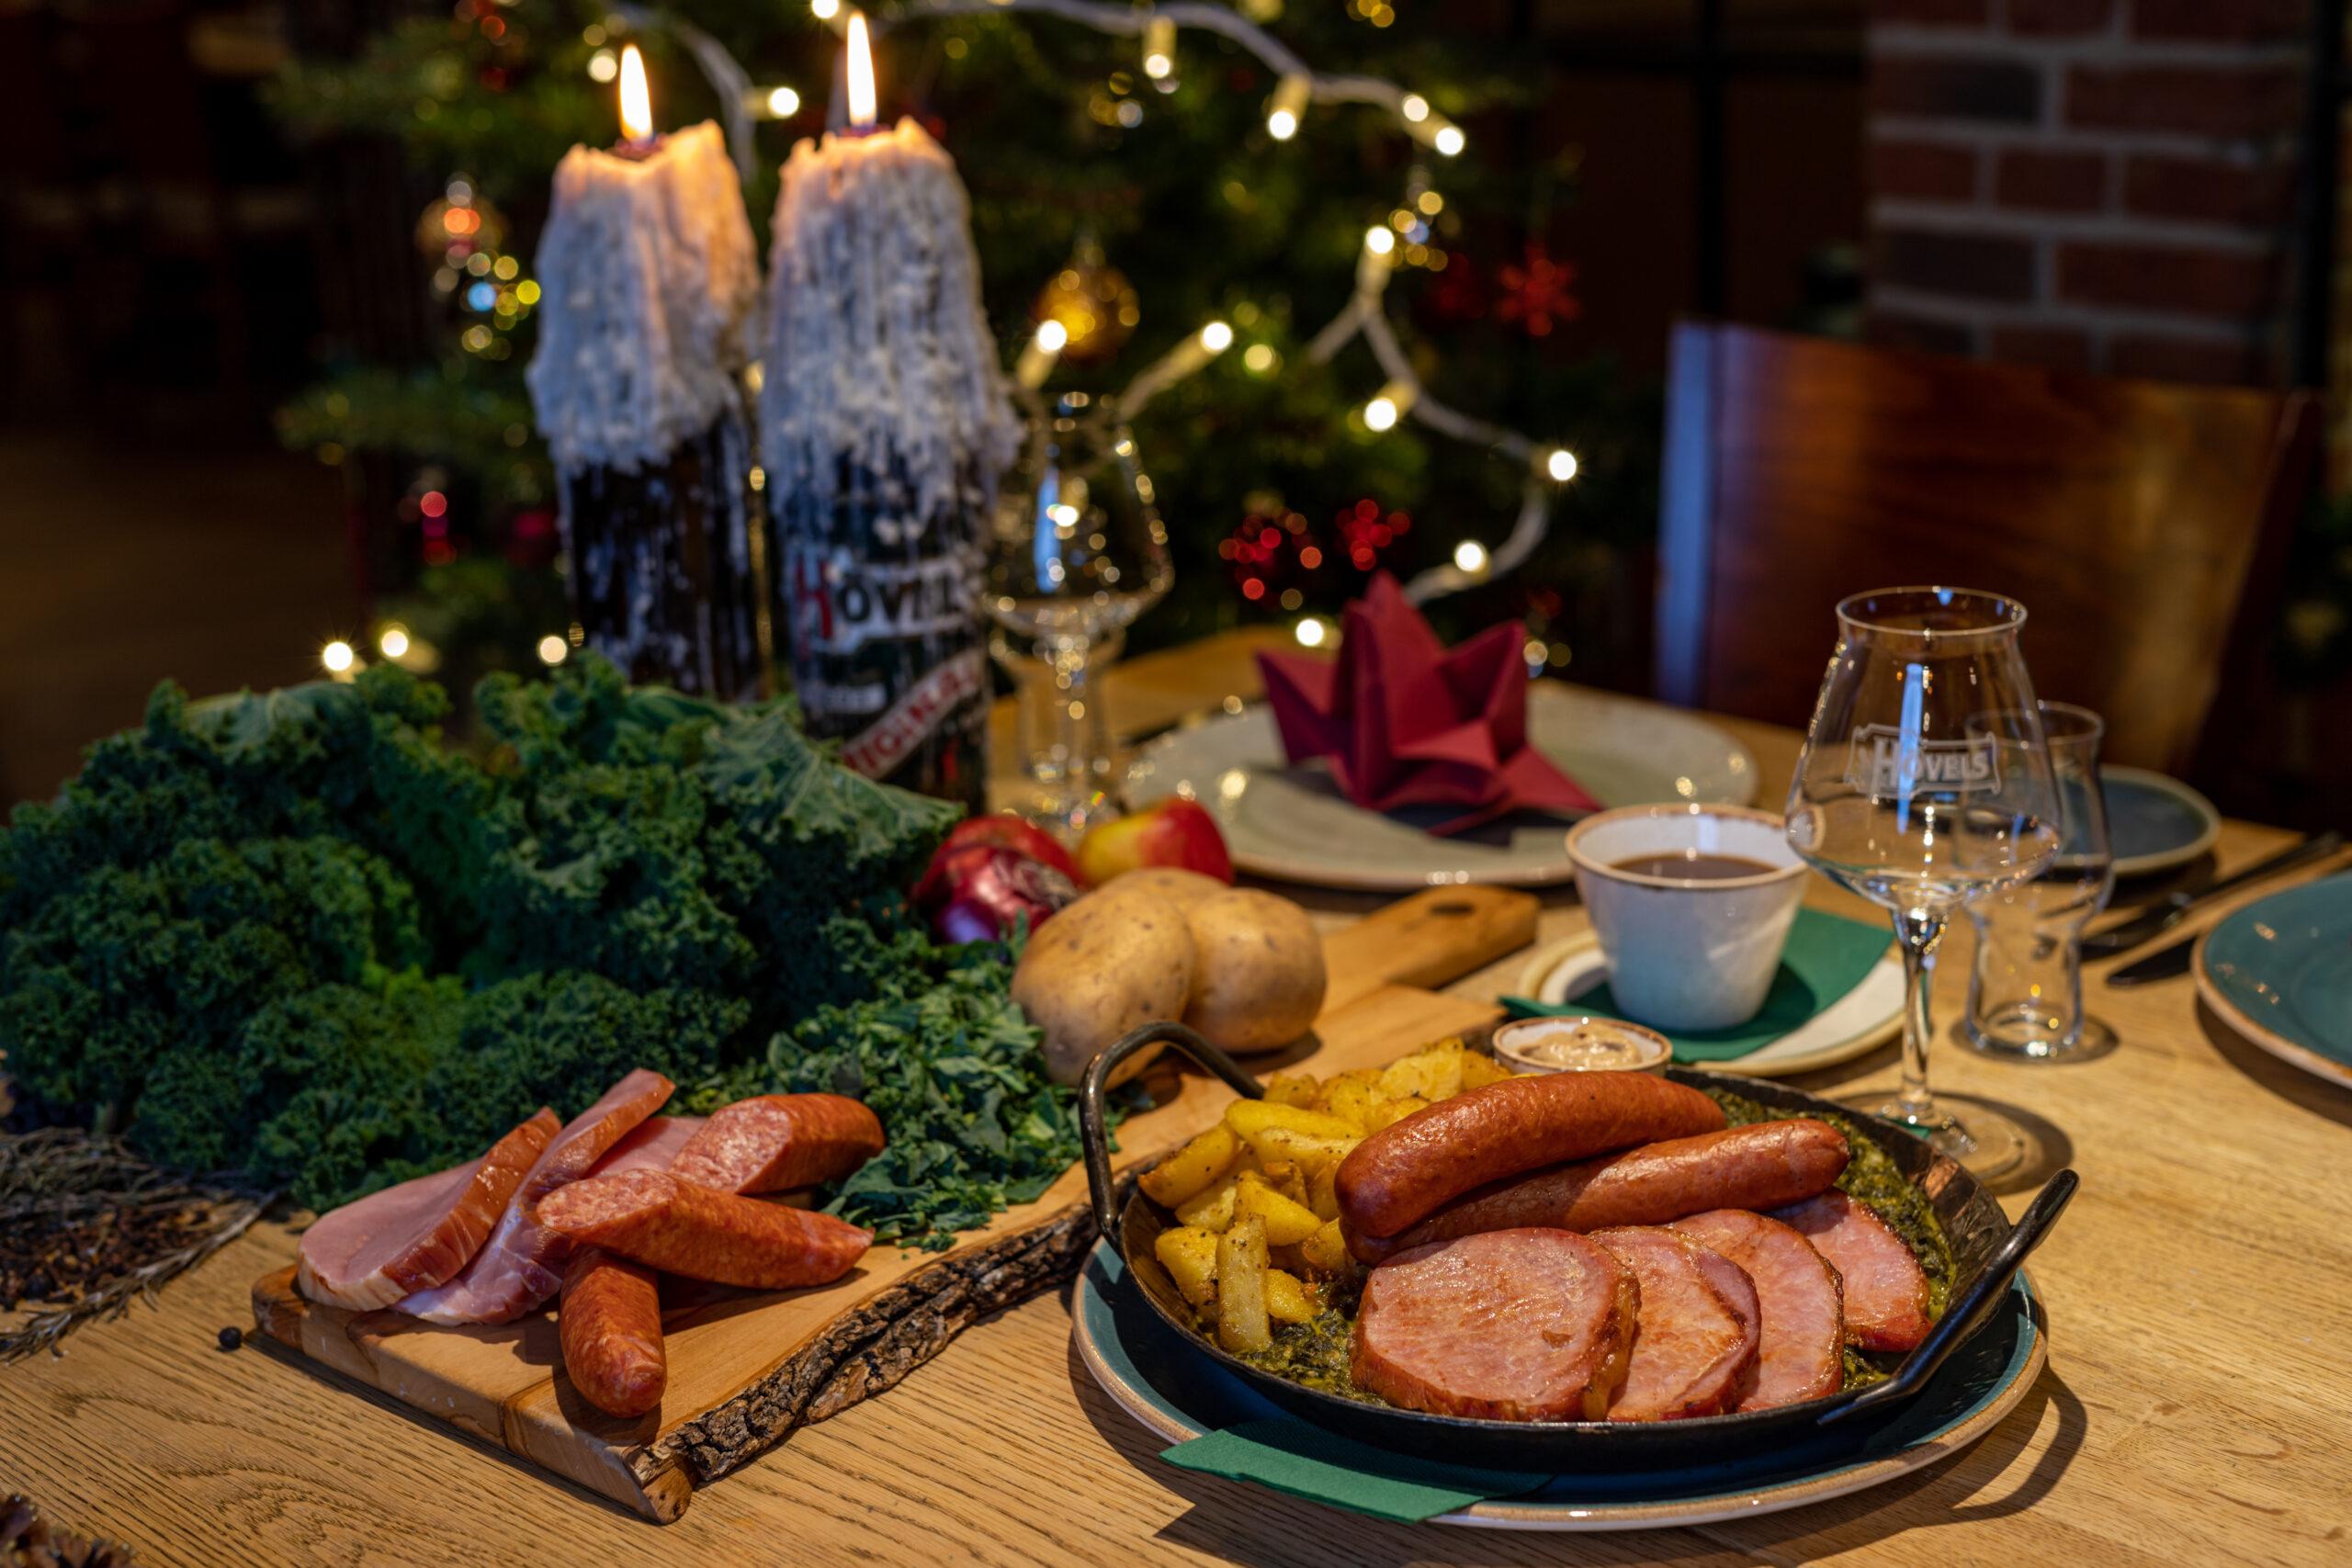 Hövels Hausbrauerei Restaurant mit Biergarten: Grünkohl mit Mettwurst